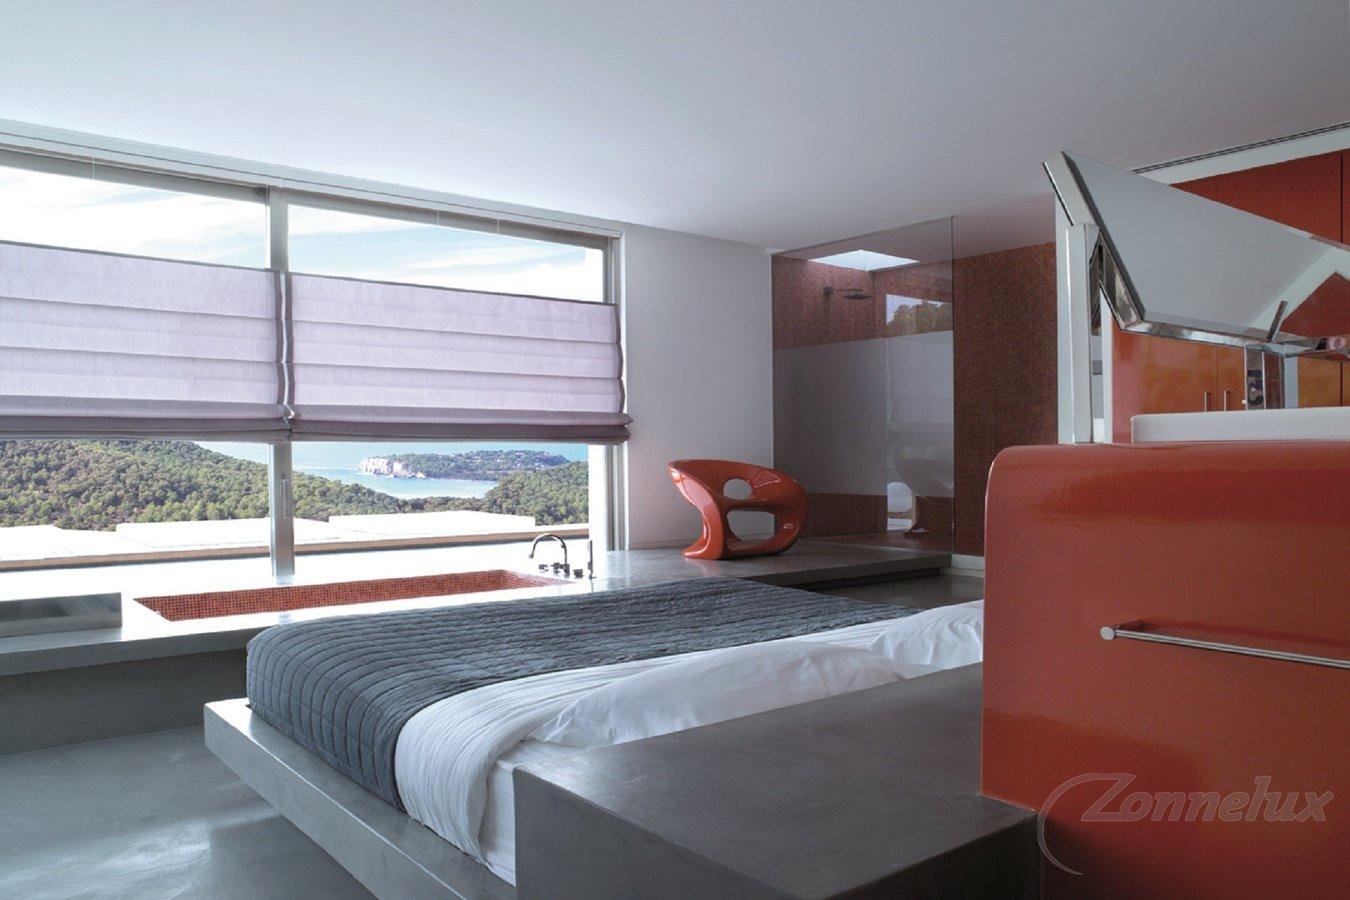 vouwgordijn-slaapkamer